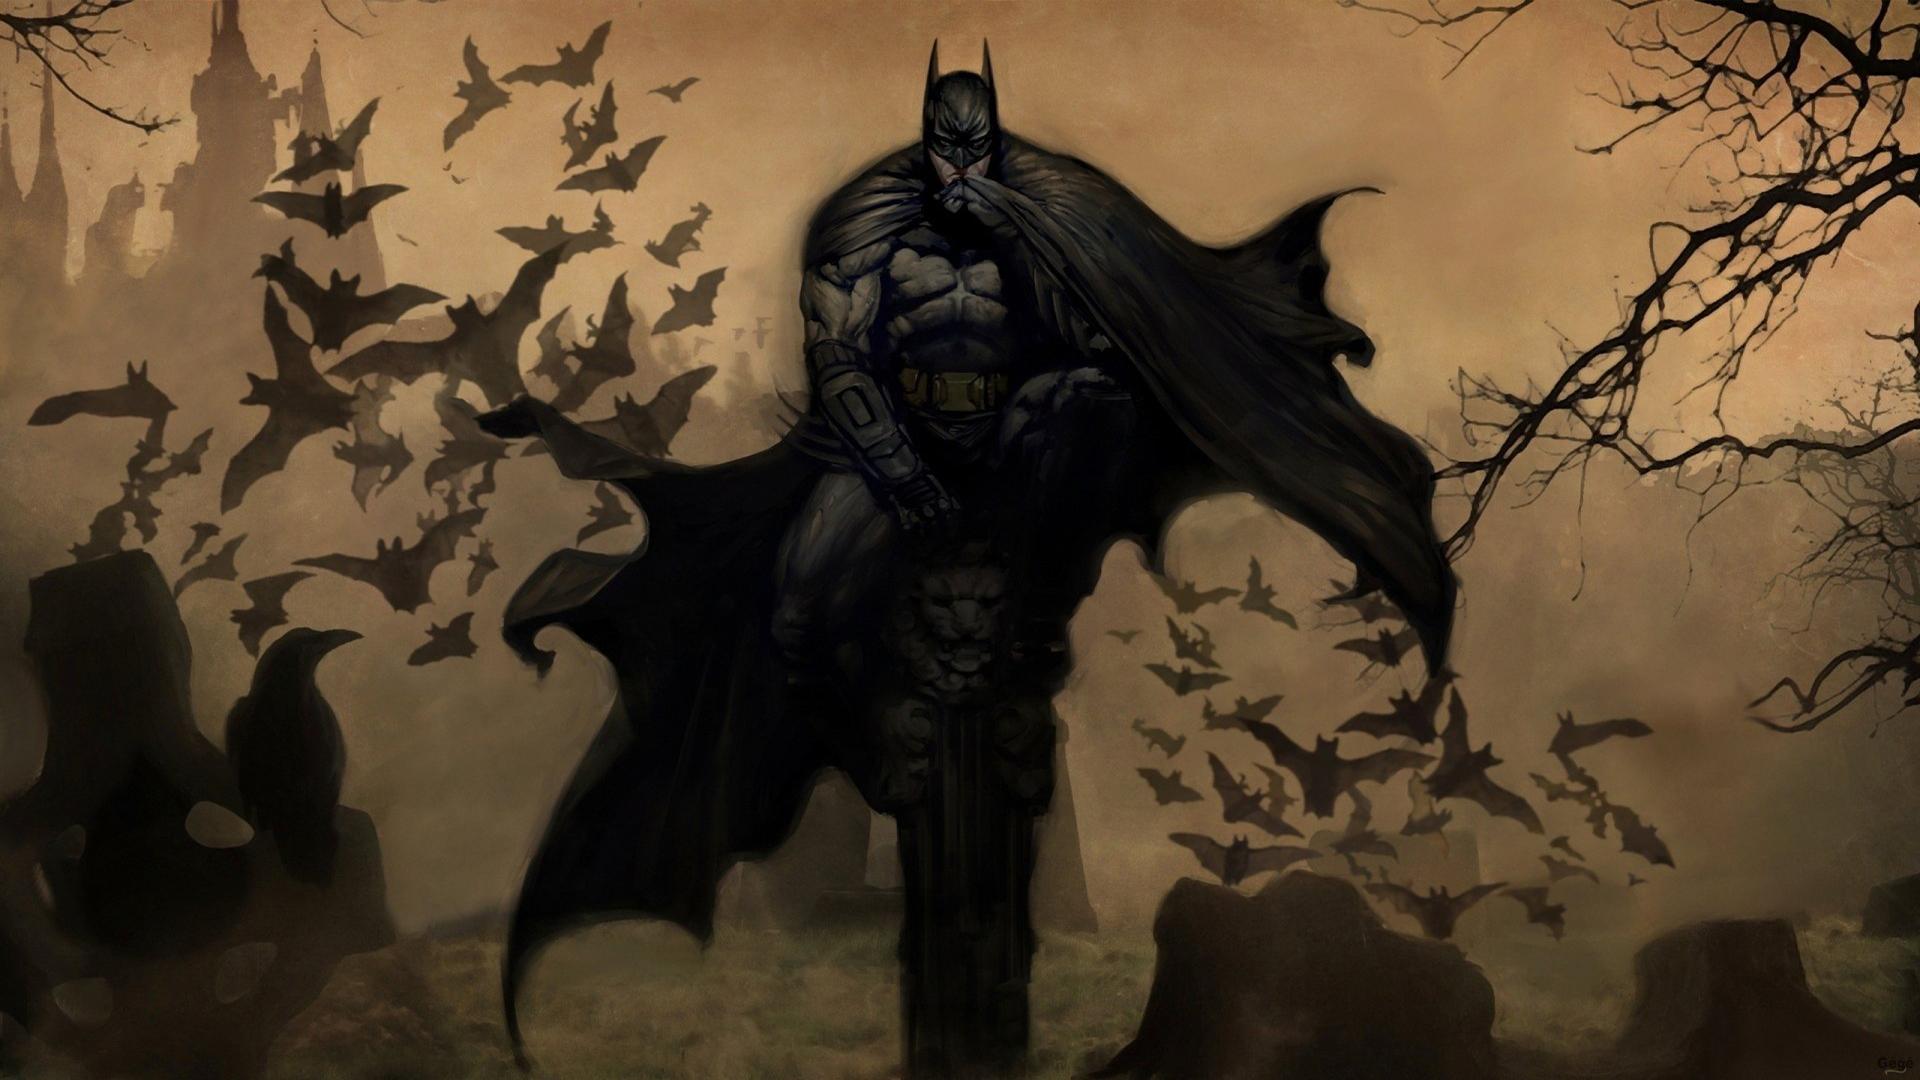 《蝙蝠侠:阿卡姆之城》泄露1号升级档+破解补丁